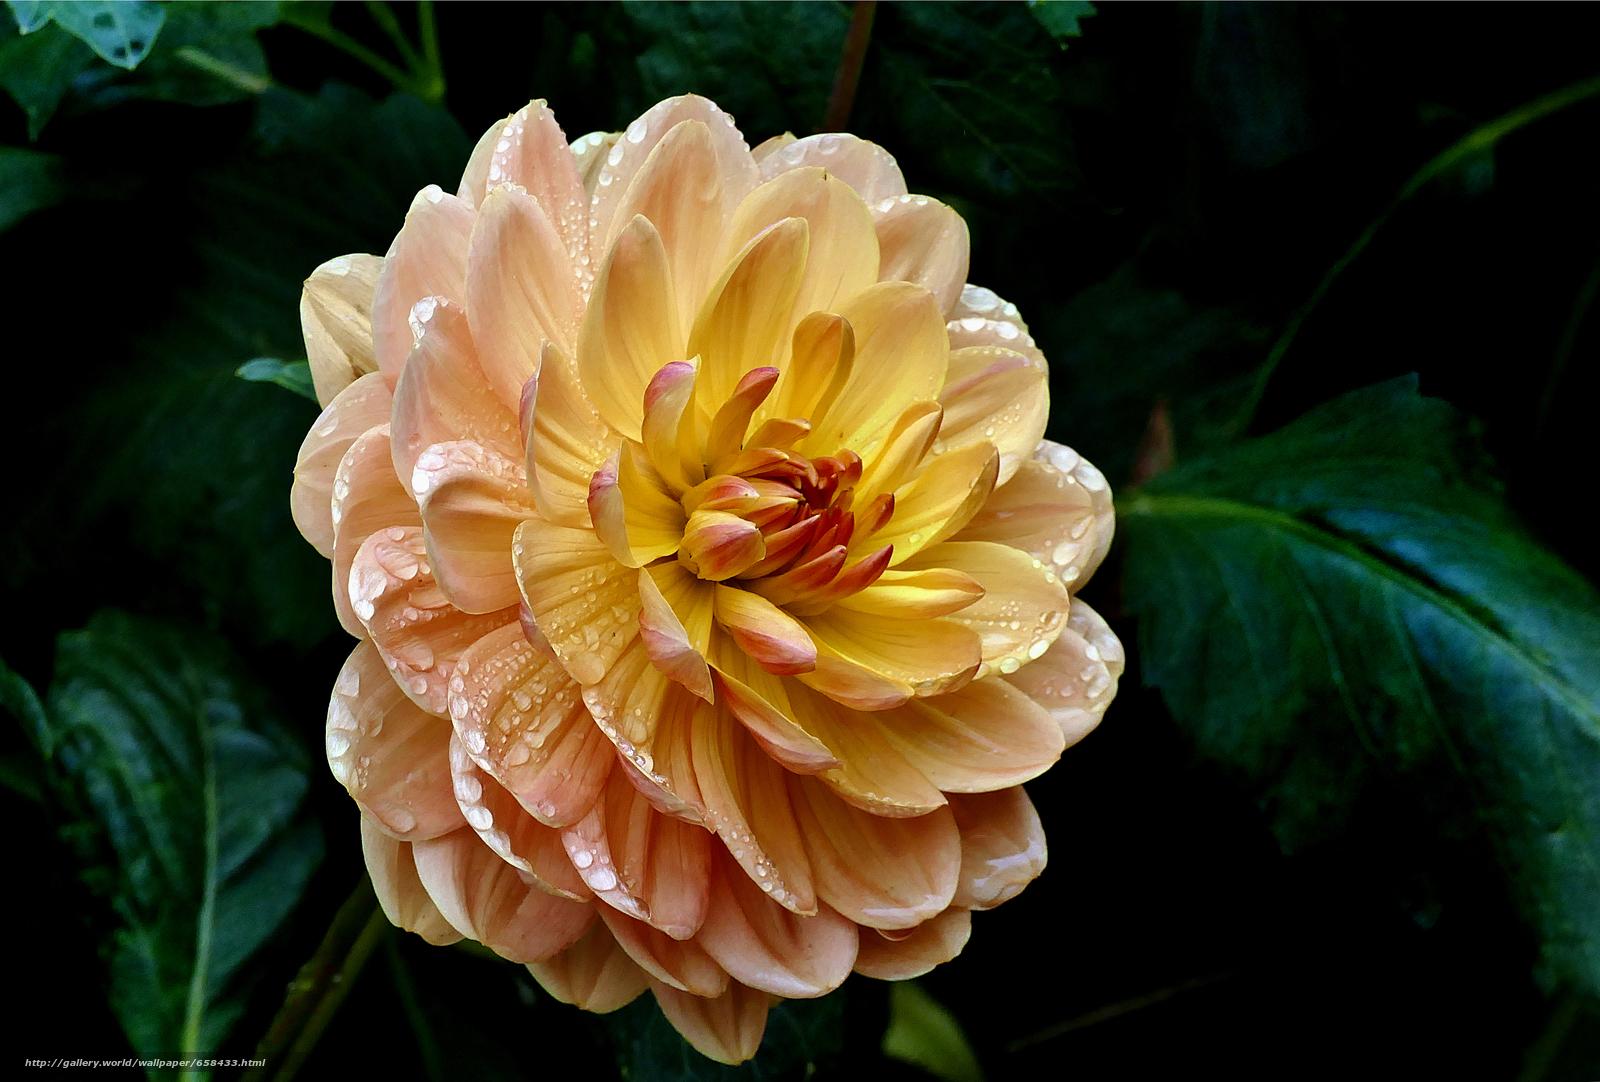 Скачать обои цветок,  цветы,  флора бесплатно для рабочего стола в разрешении 4000x2706 — картинка №658433